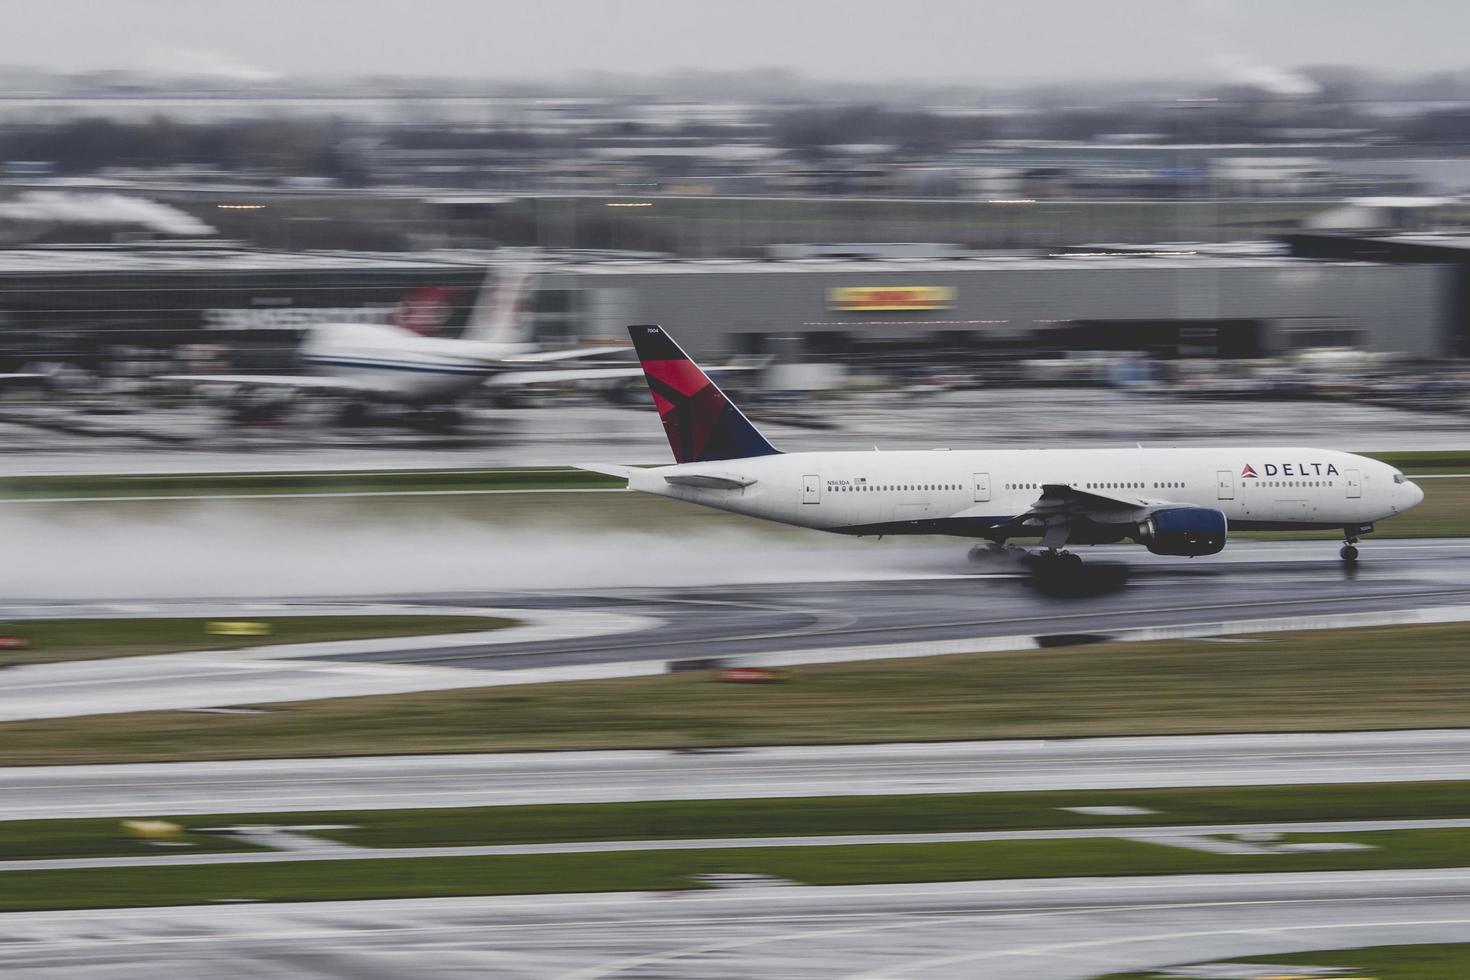 nederland, 2013-deltavliegtuig landt op amsterdam airport schiphol foto